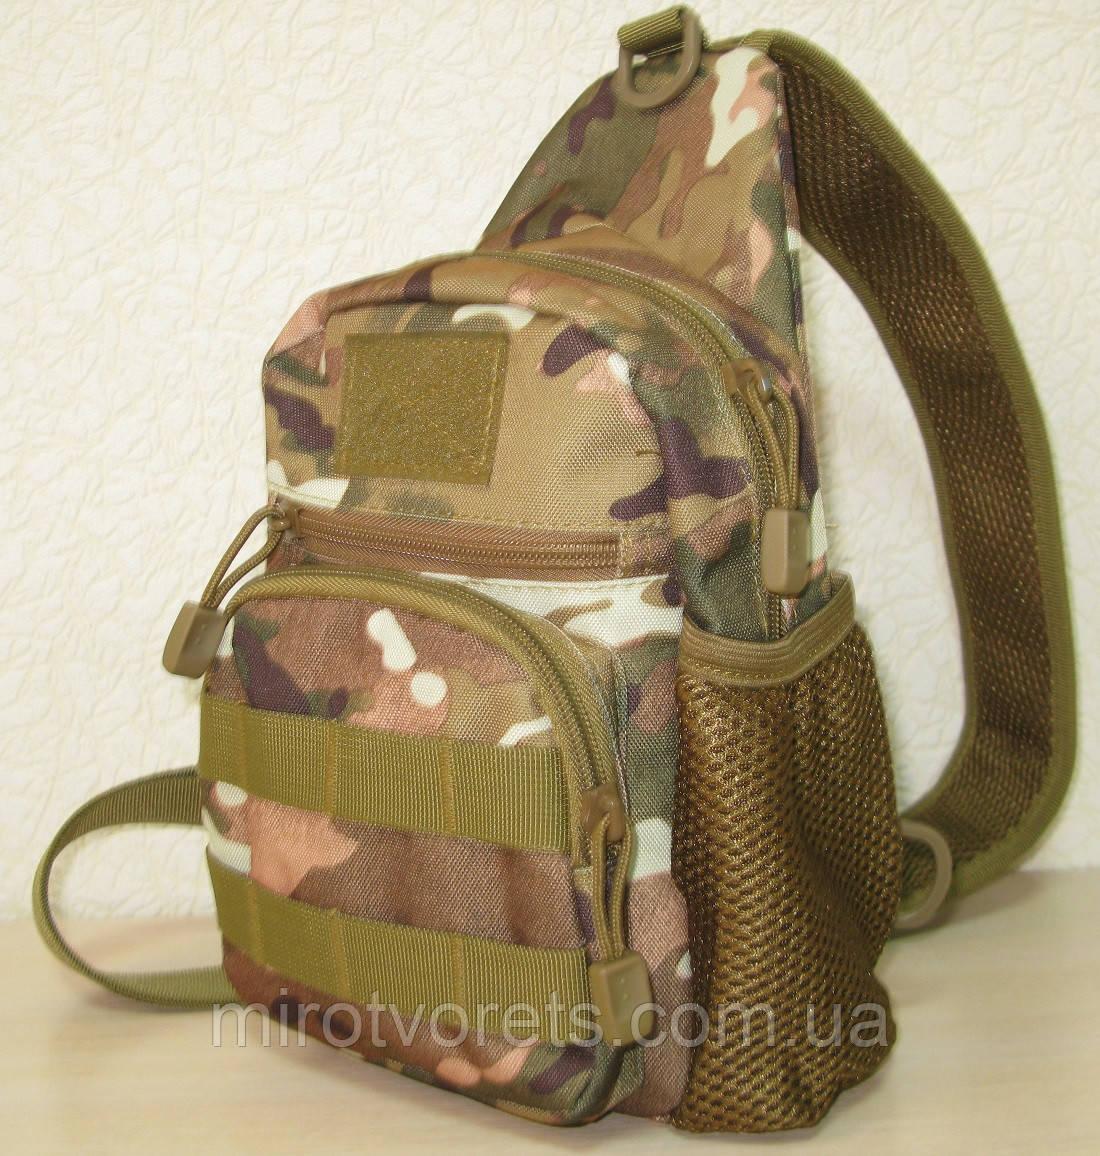 Тактическая сумка плечевая (однолямочный рюкзак)